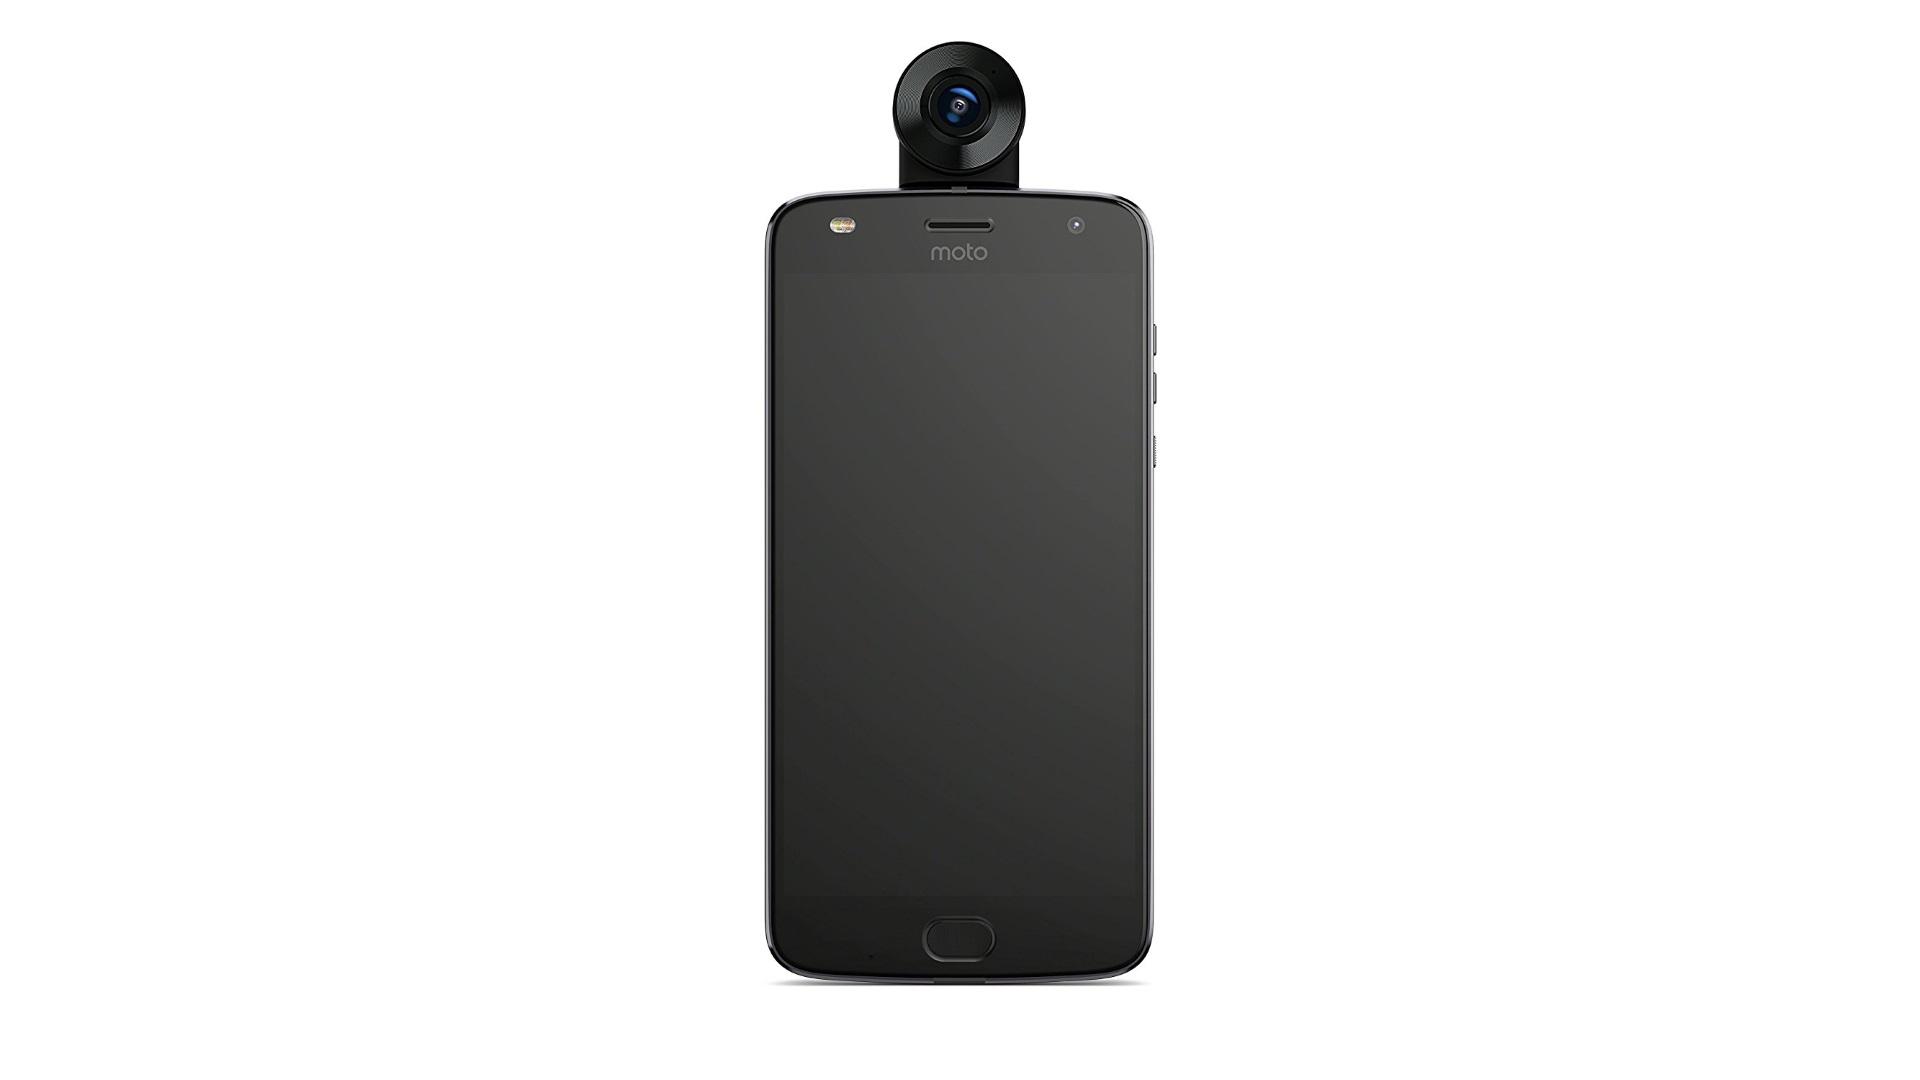 360度4K動画&3Dサウンド撮影対応Moto Mods「Moto 360 Camera」が米Amazonで発売